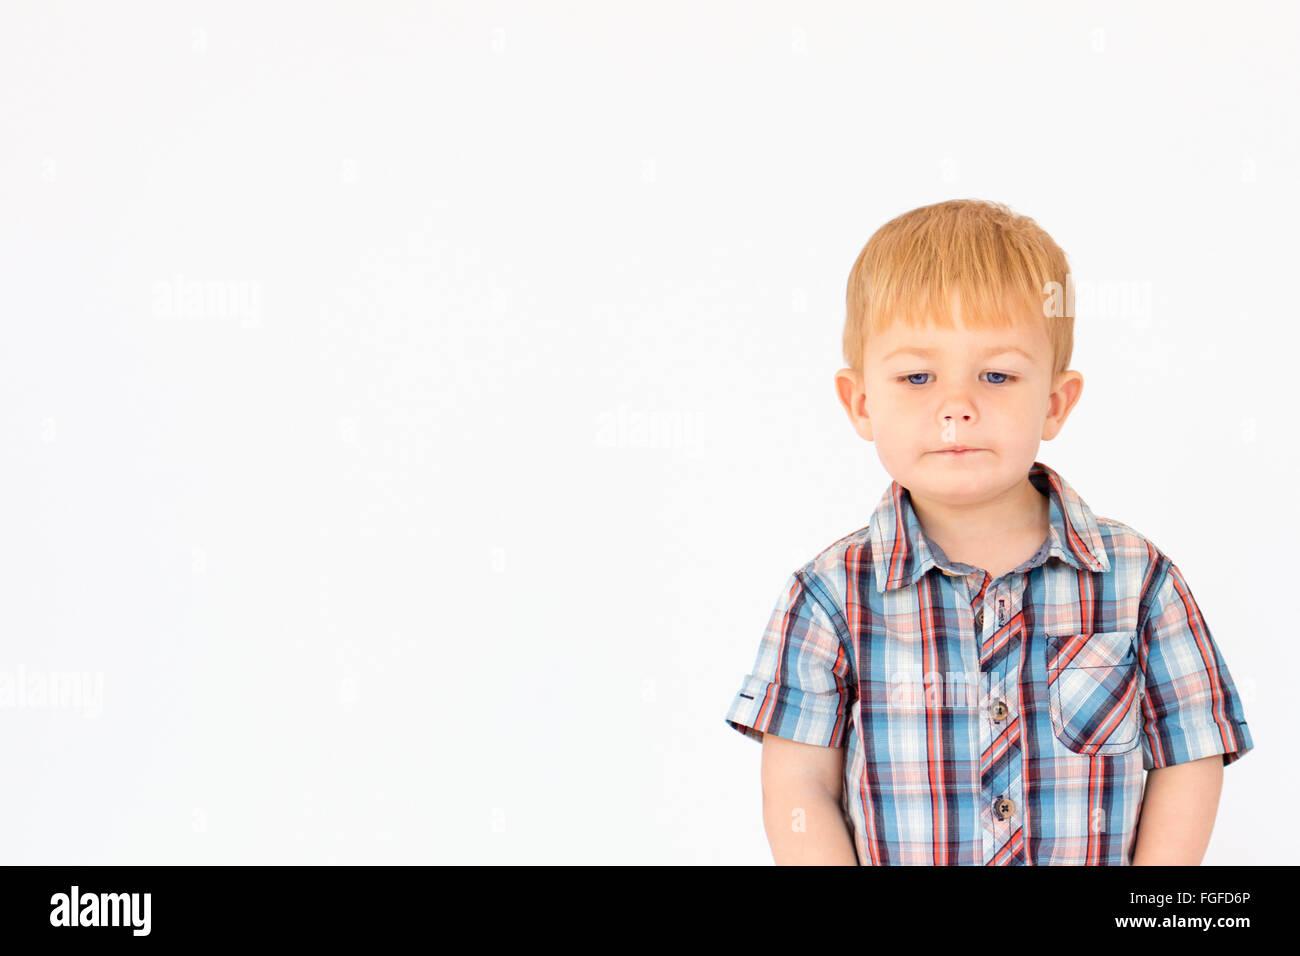 Ritratto di un giovane ragazzo in piedi contro uno sfondo bianco Foto Stock